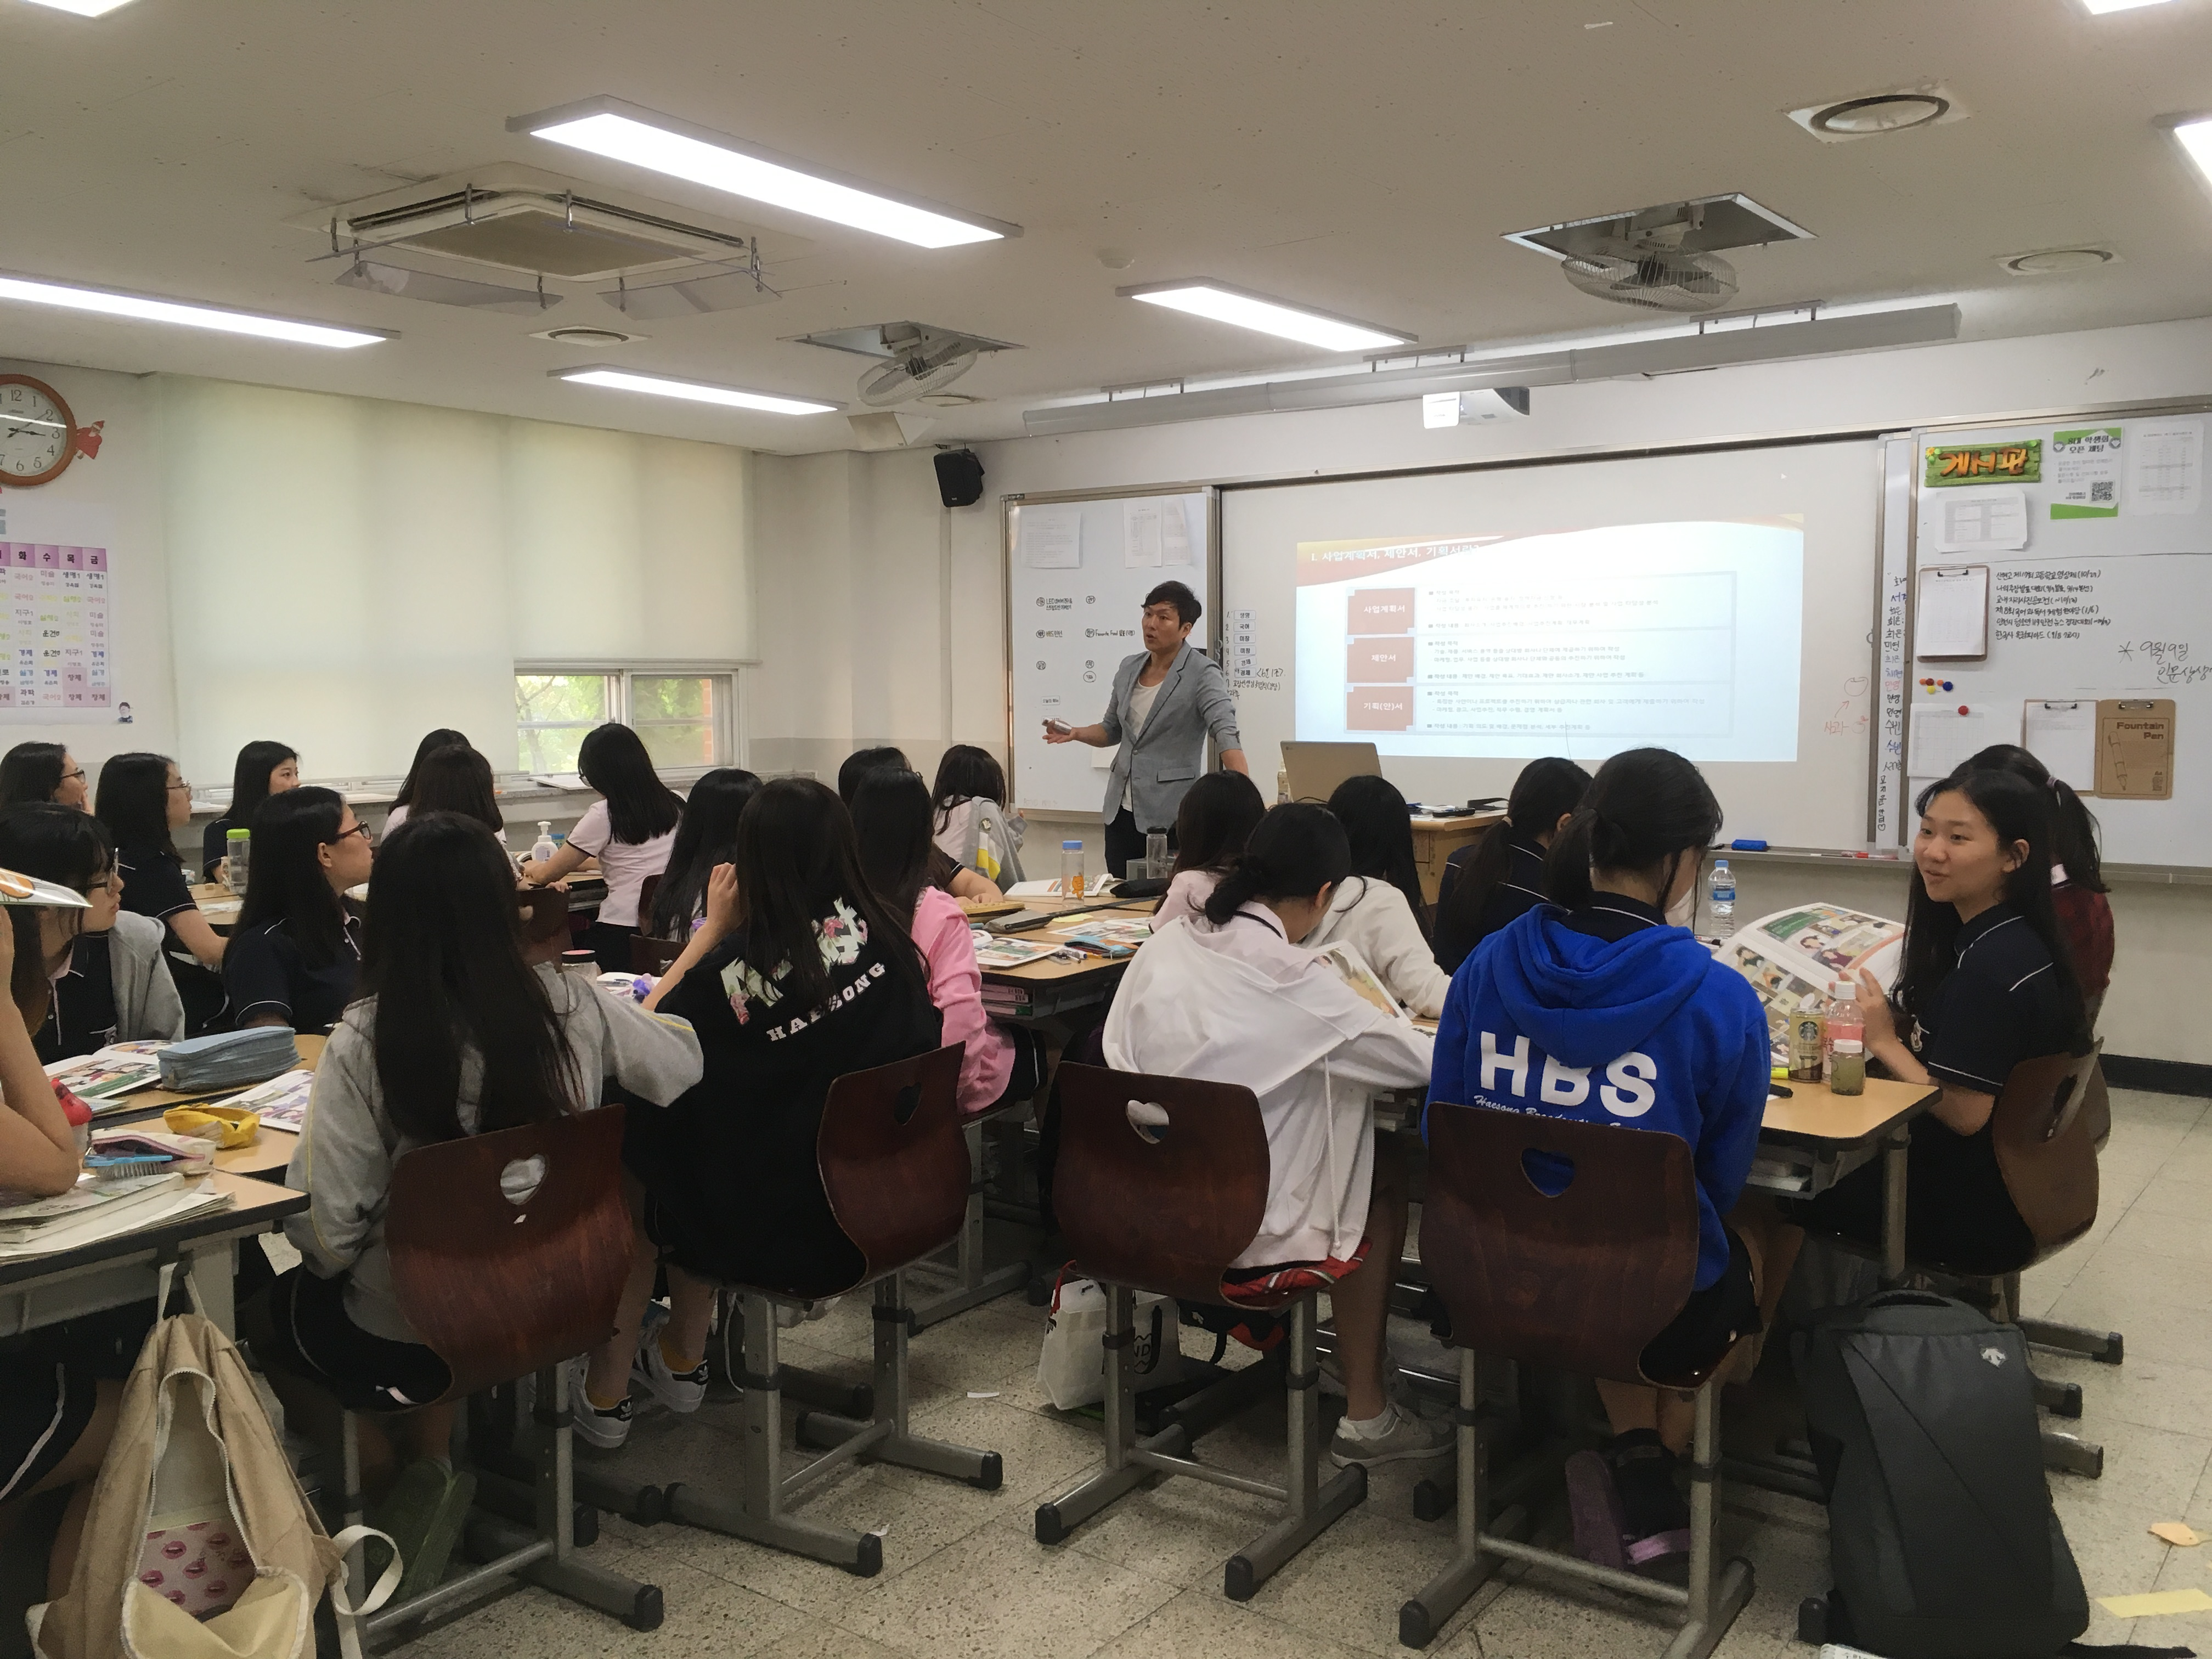 2017 09 01 해송고 공유경제아카데미 3차시 사진01